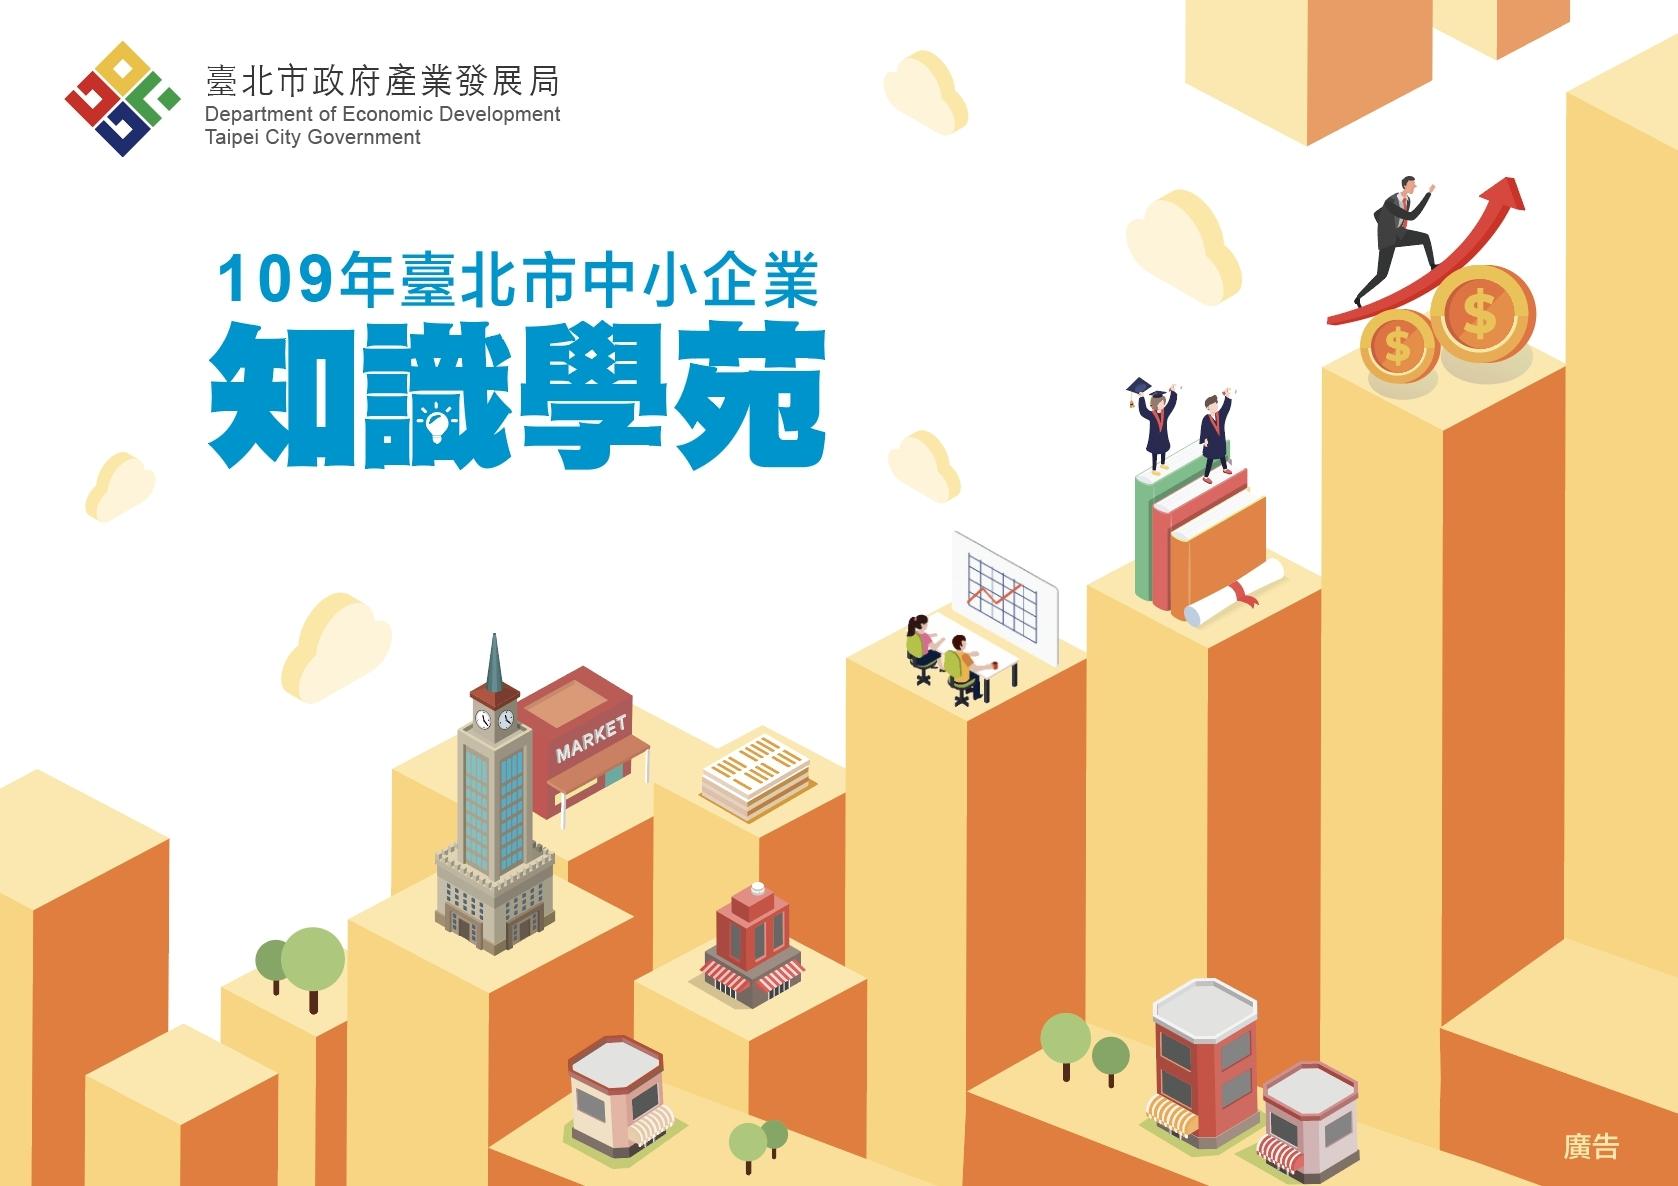 【已結束】臺北市知識學苑產業主題訓練營-進階課程圖片